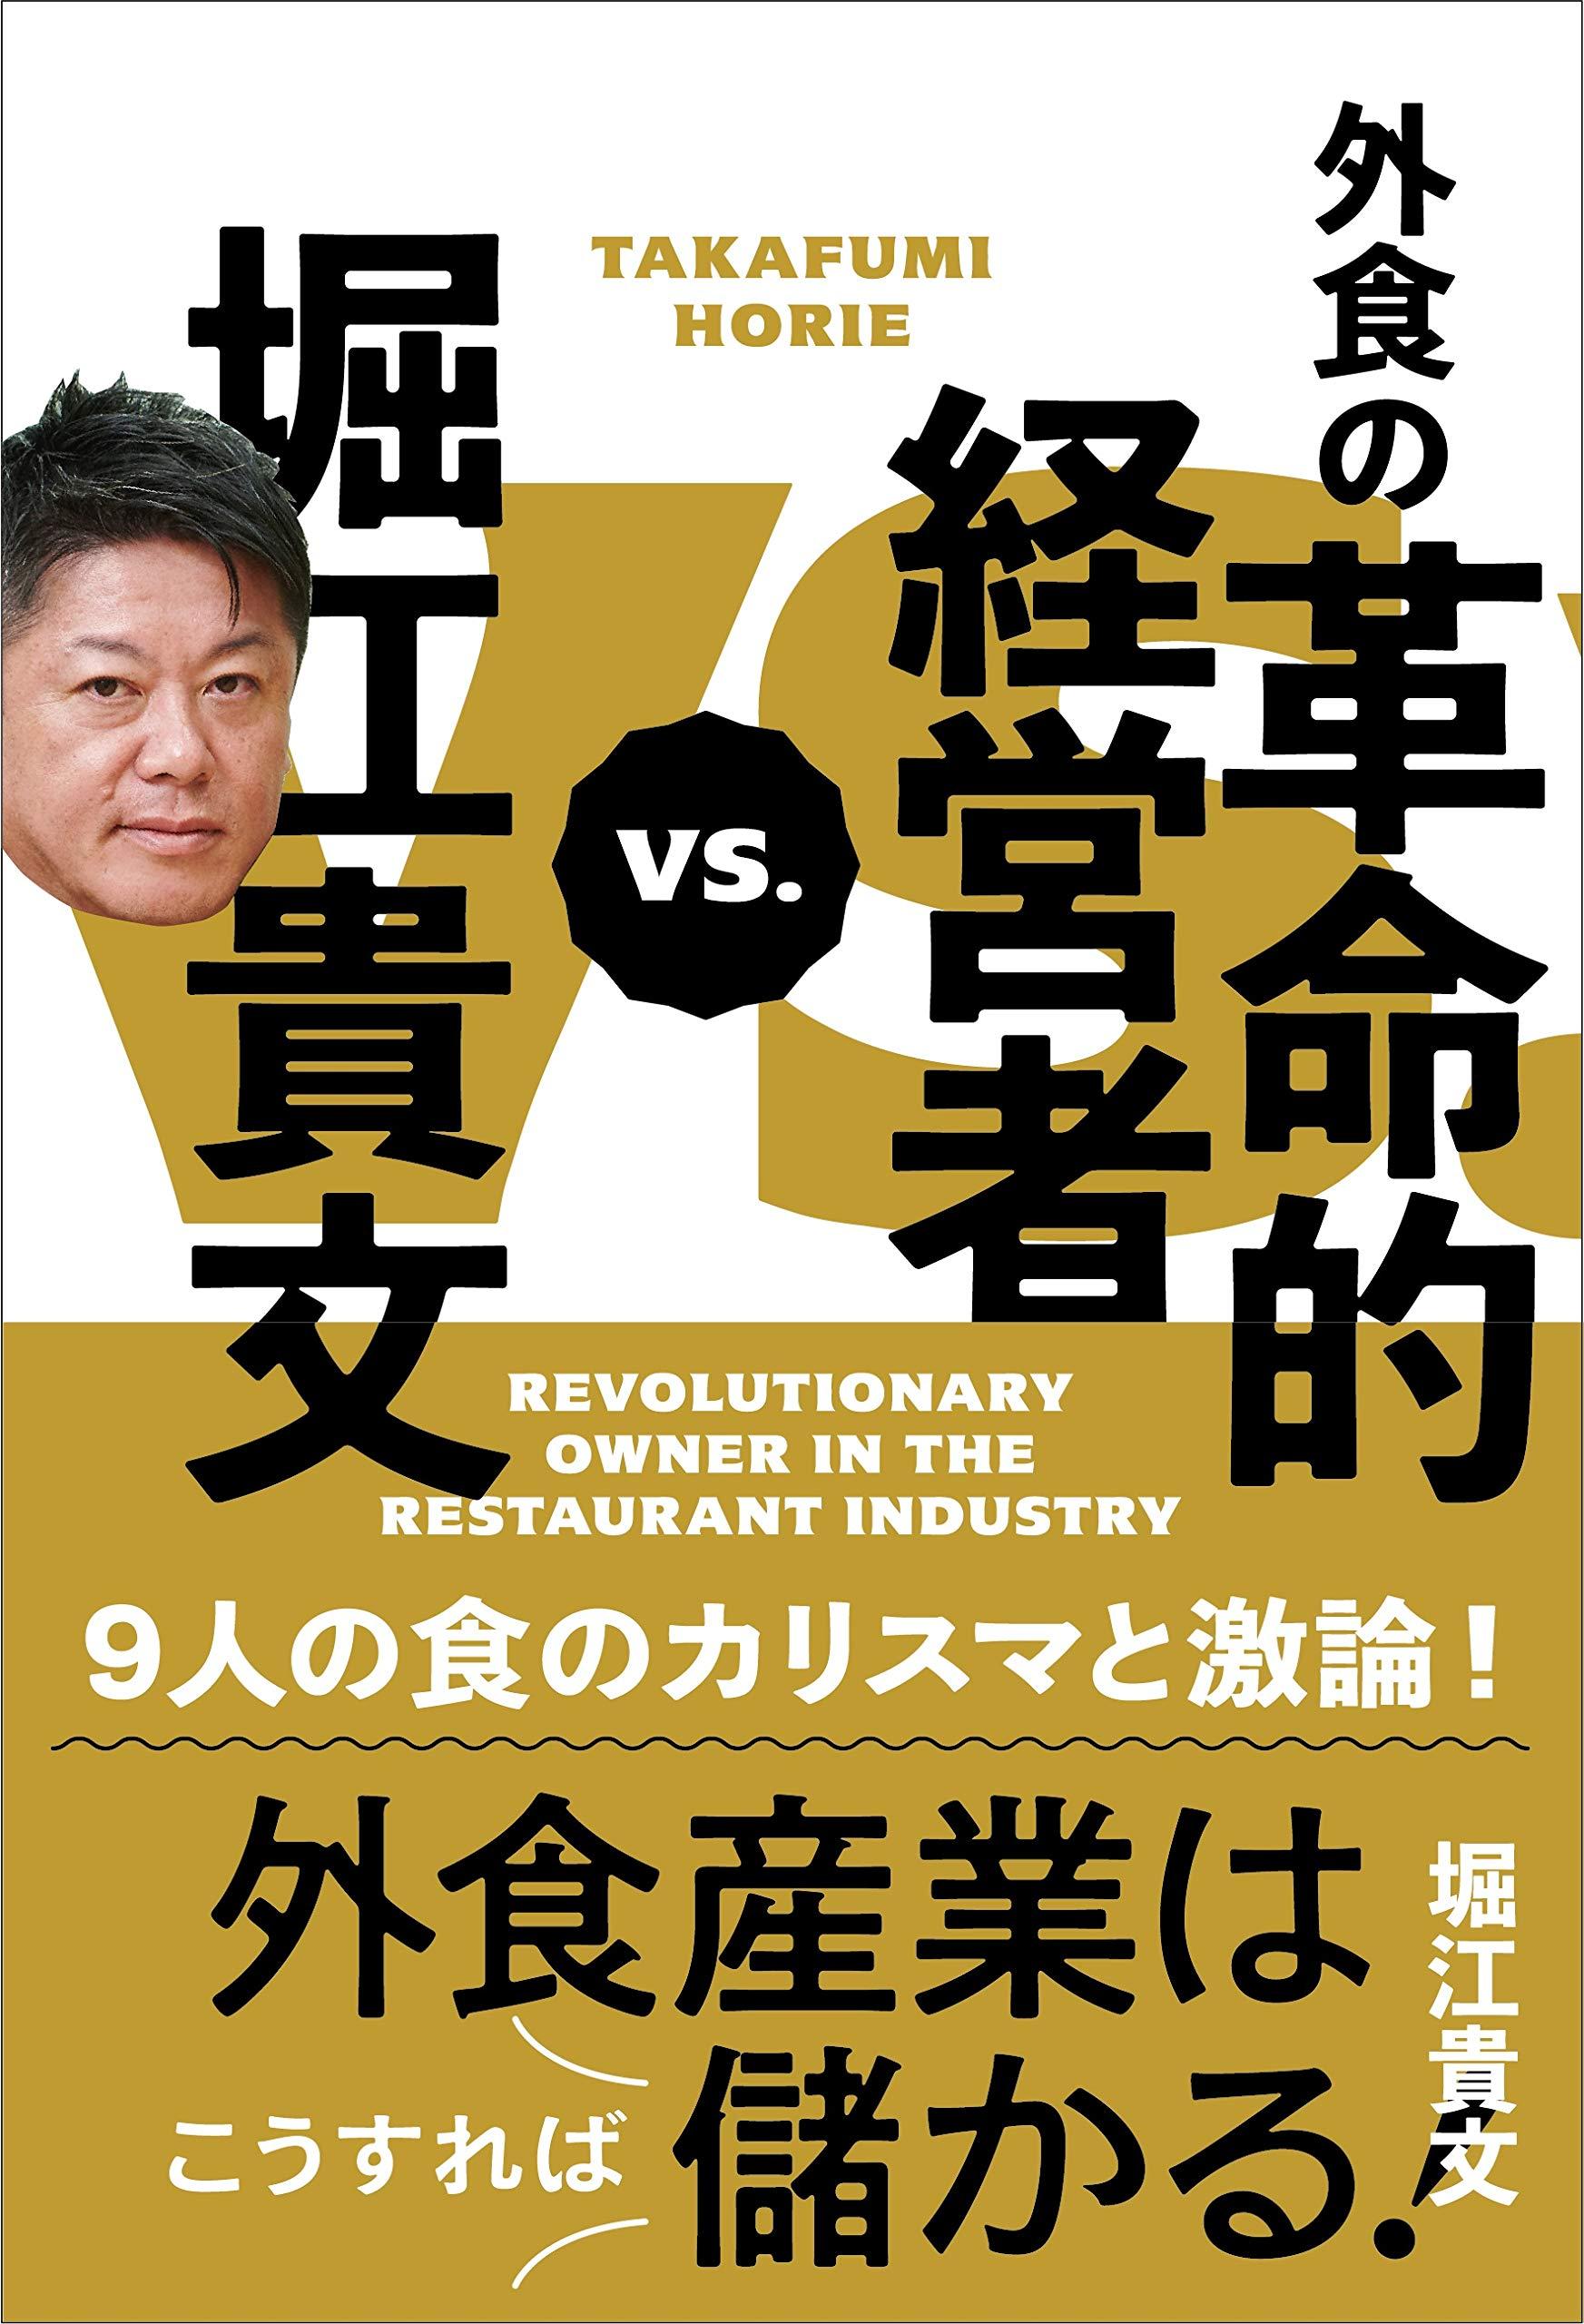 2020読んだ本の中からピックアップその7「堀江貴文VS.外食の革命的経営者」